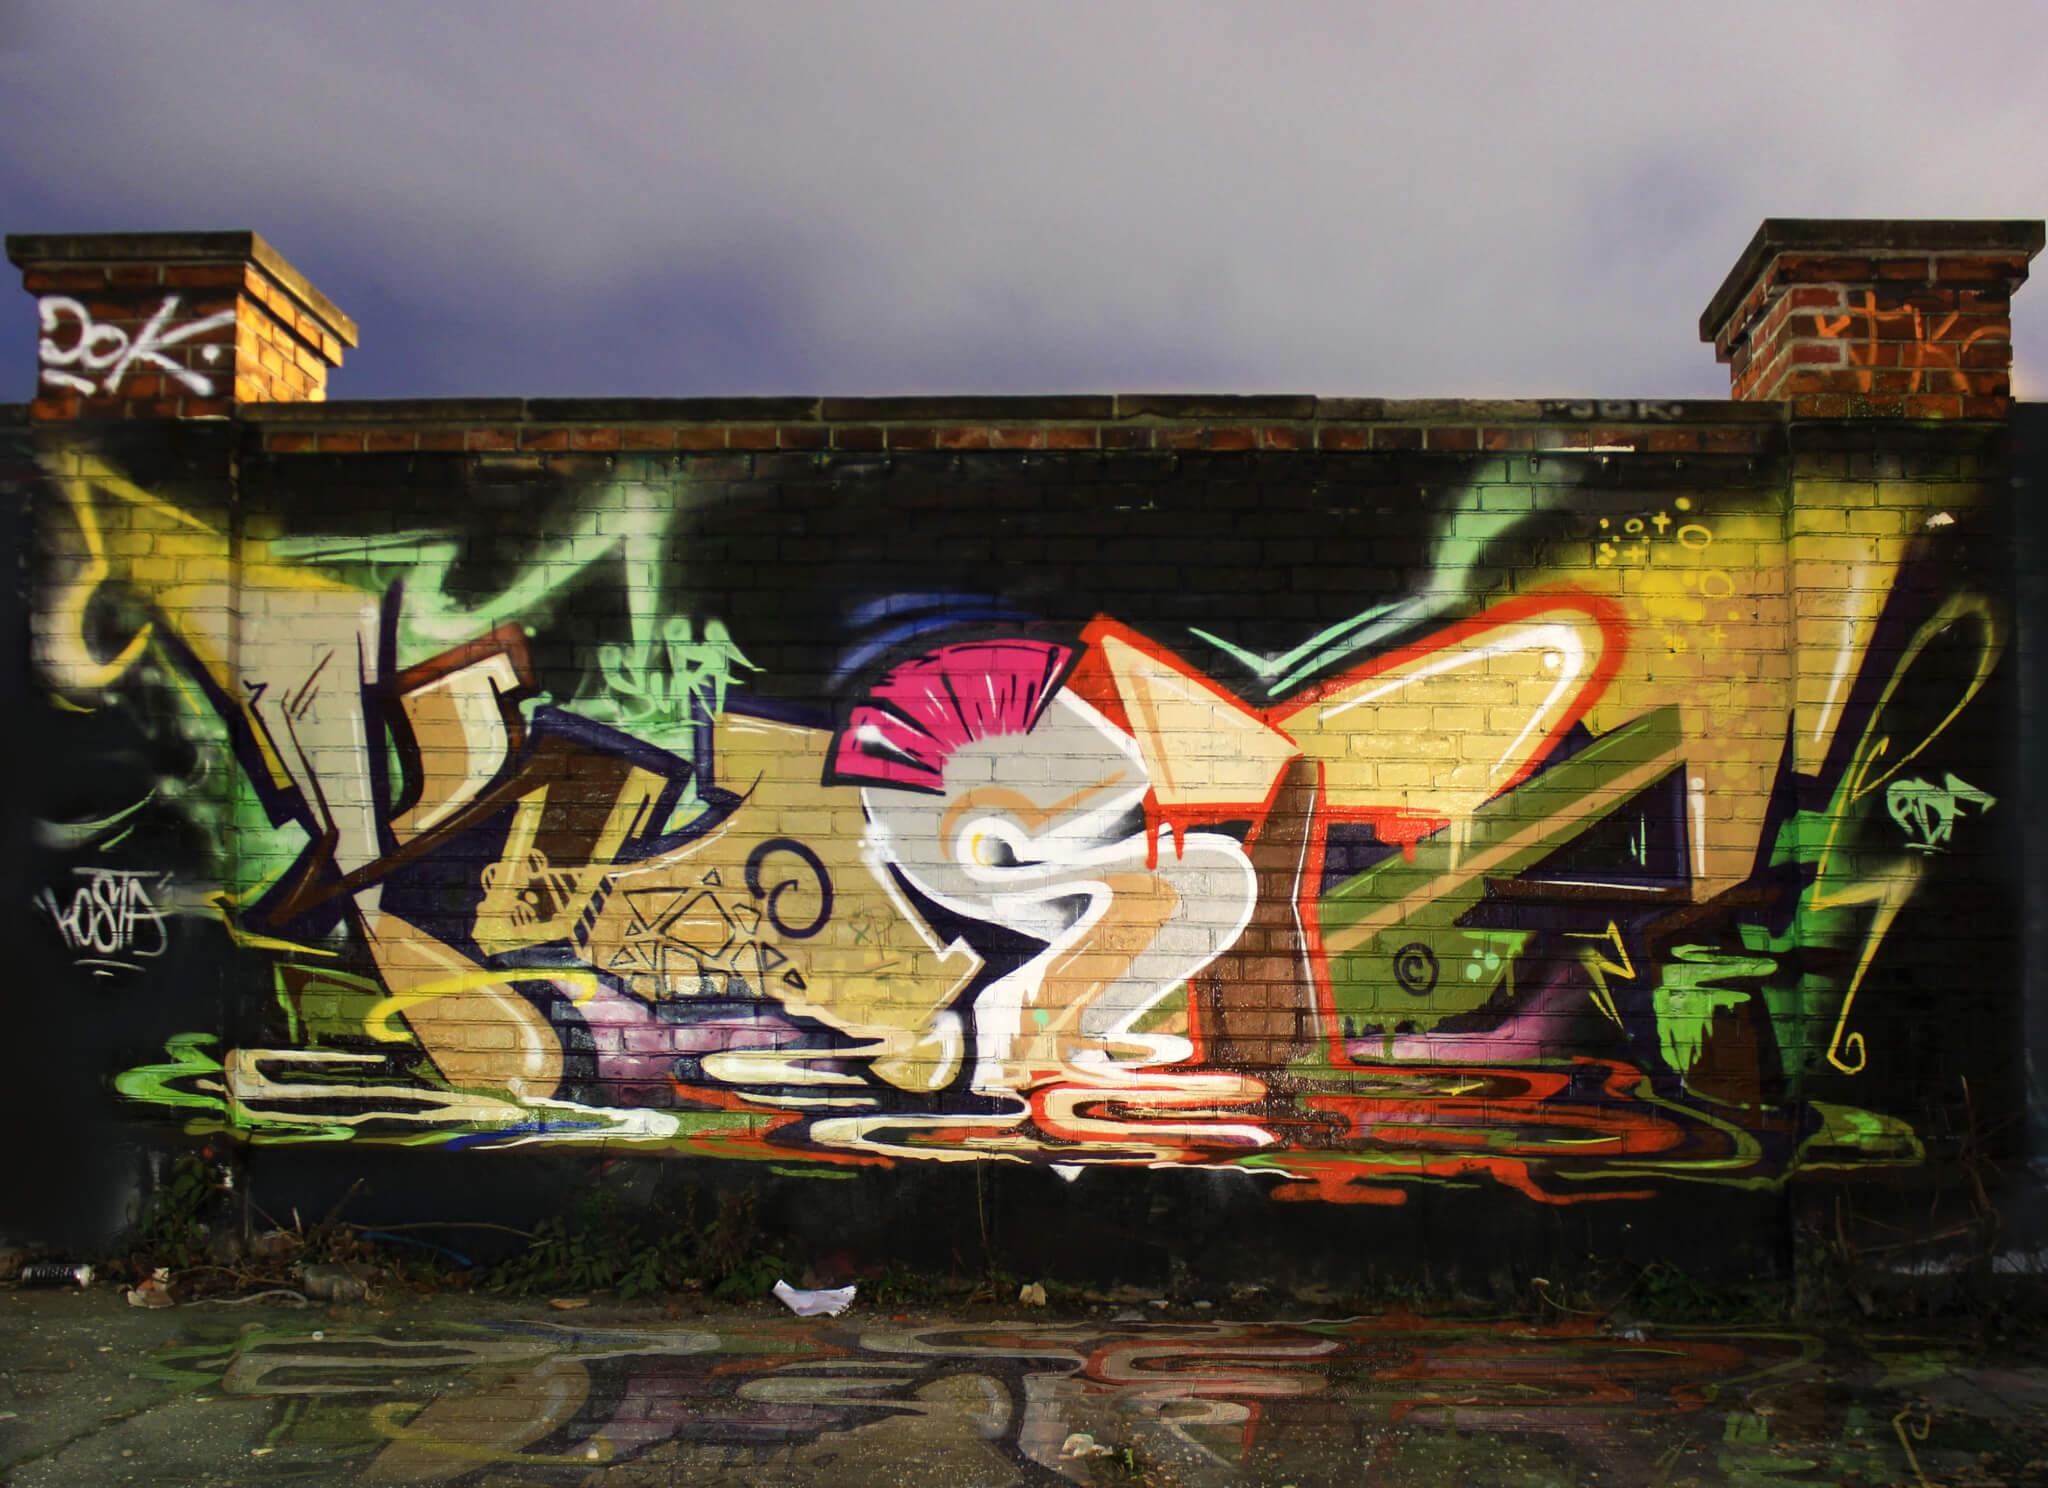 Kosta Graffiti in Munich by Max Kosta 2014